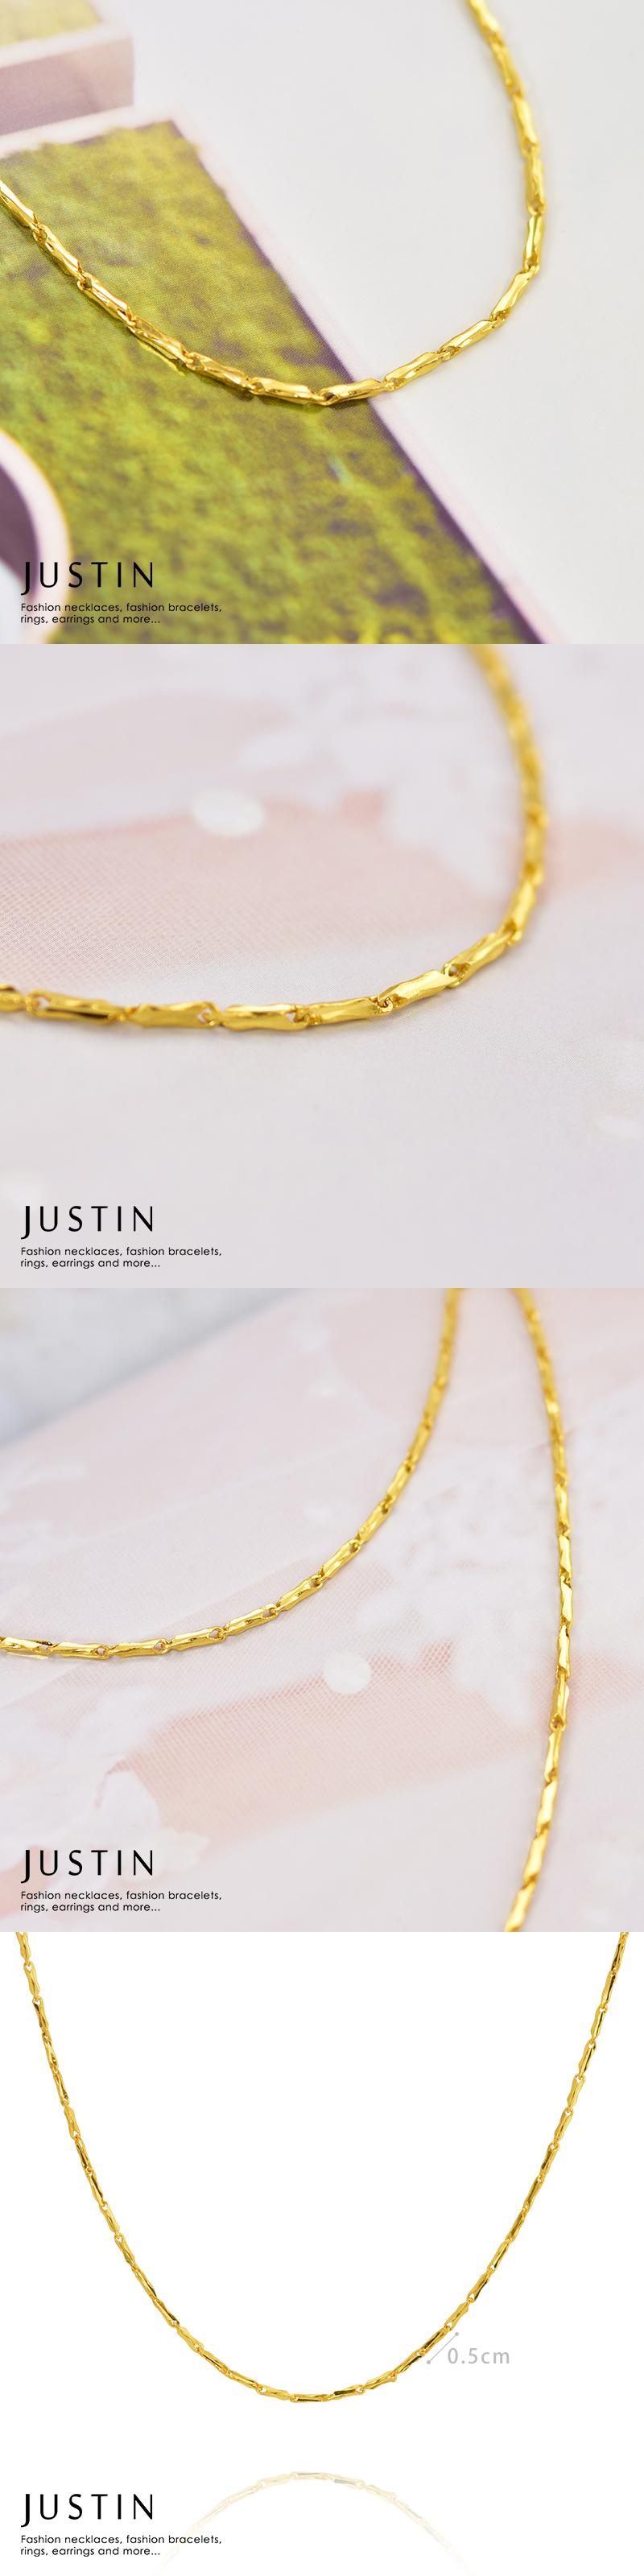 金緻品,金製品,黃金價格,金飾,金飾價格,黃金飾品,金飾店,純金,金飾品牌,黃金投資,黃金項鍊,金鍊子,黃金男項鍊,貴人鍊